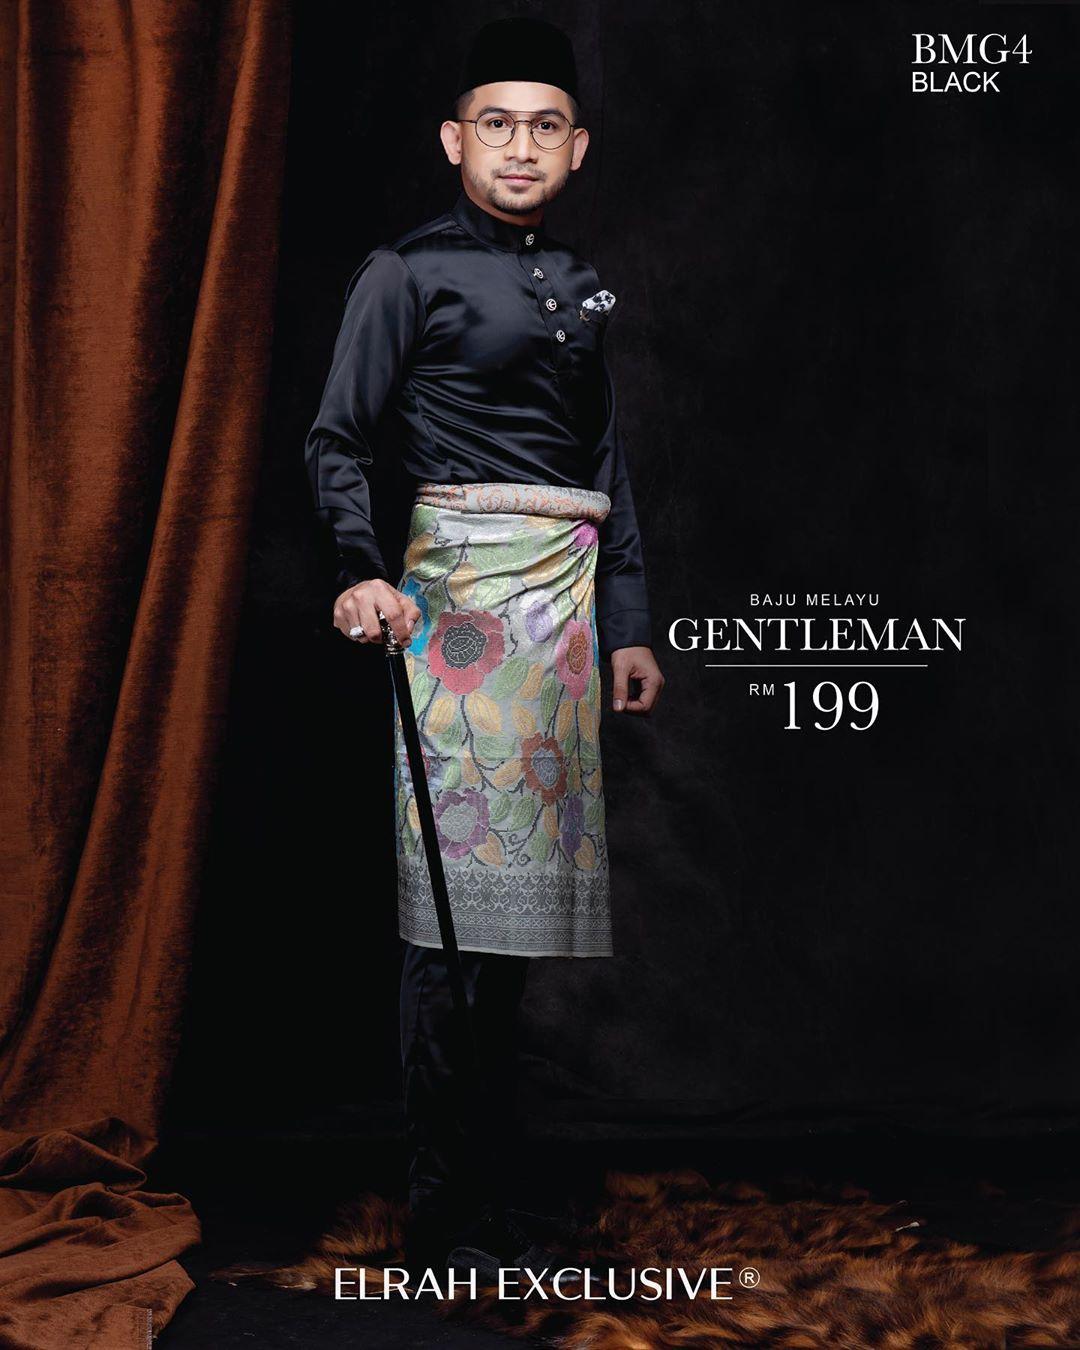 Baju Melayu Gentleman Black